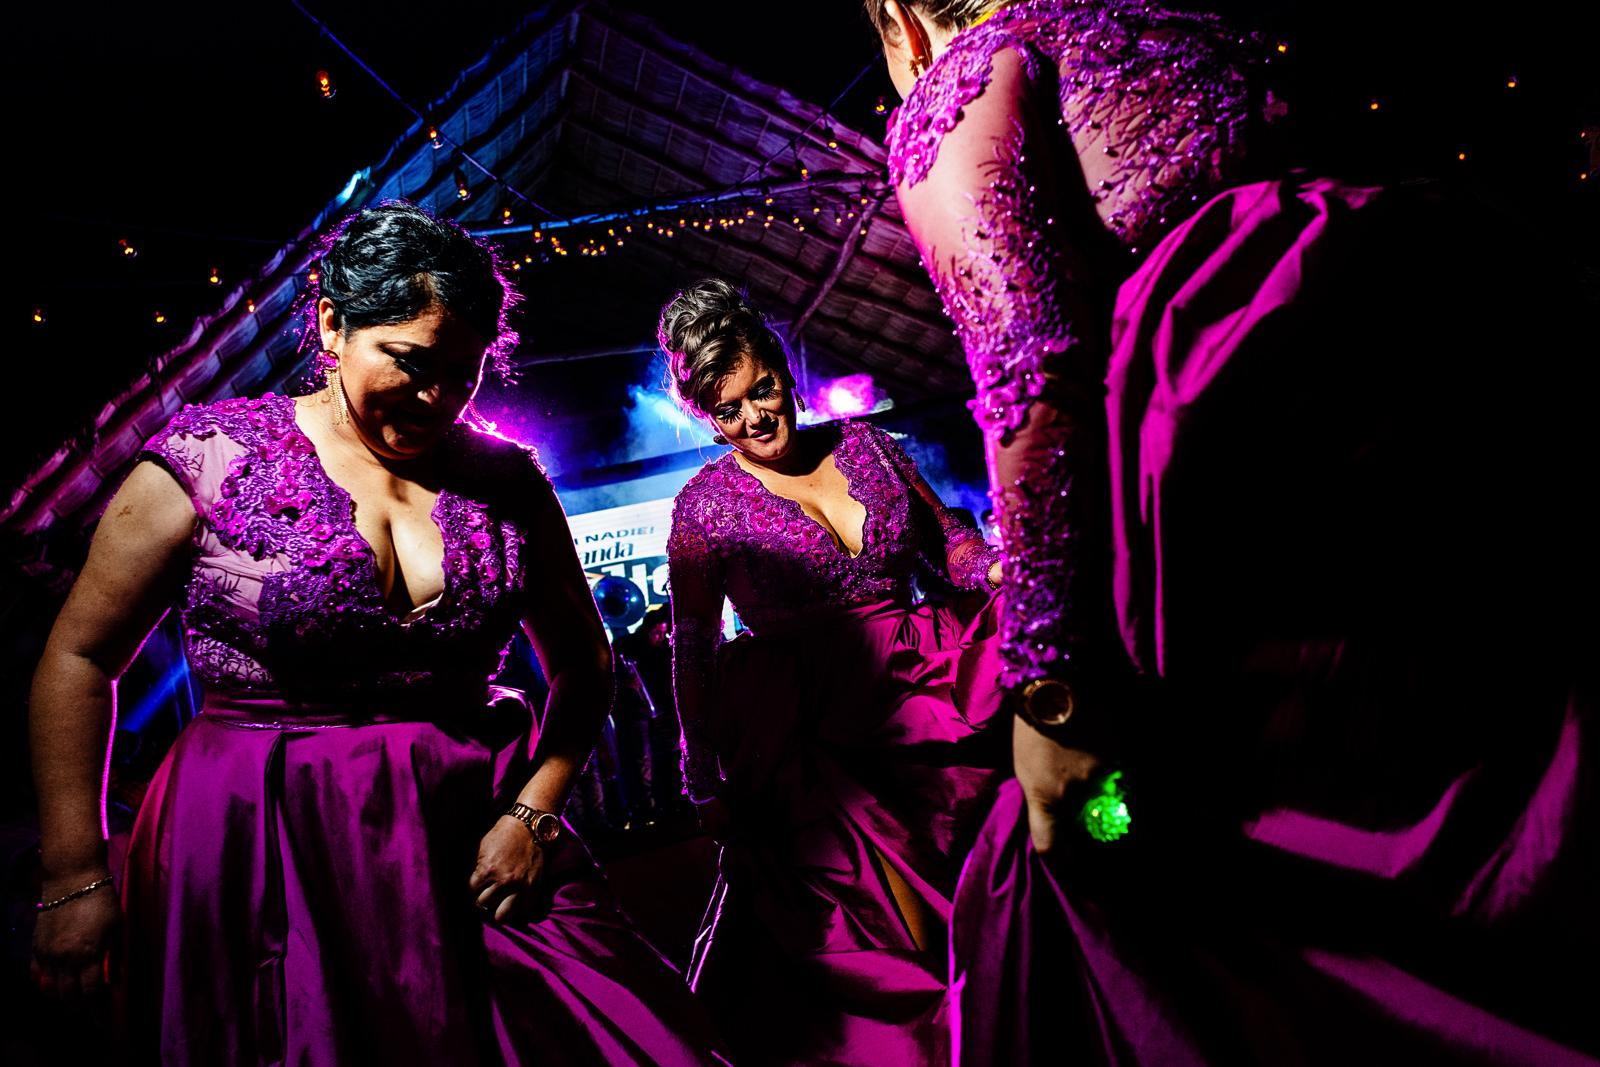 Groomsmaids dancing and having fun at the dance floor.